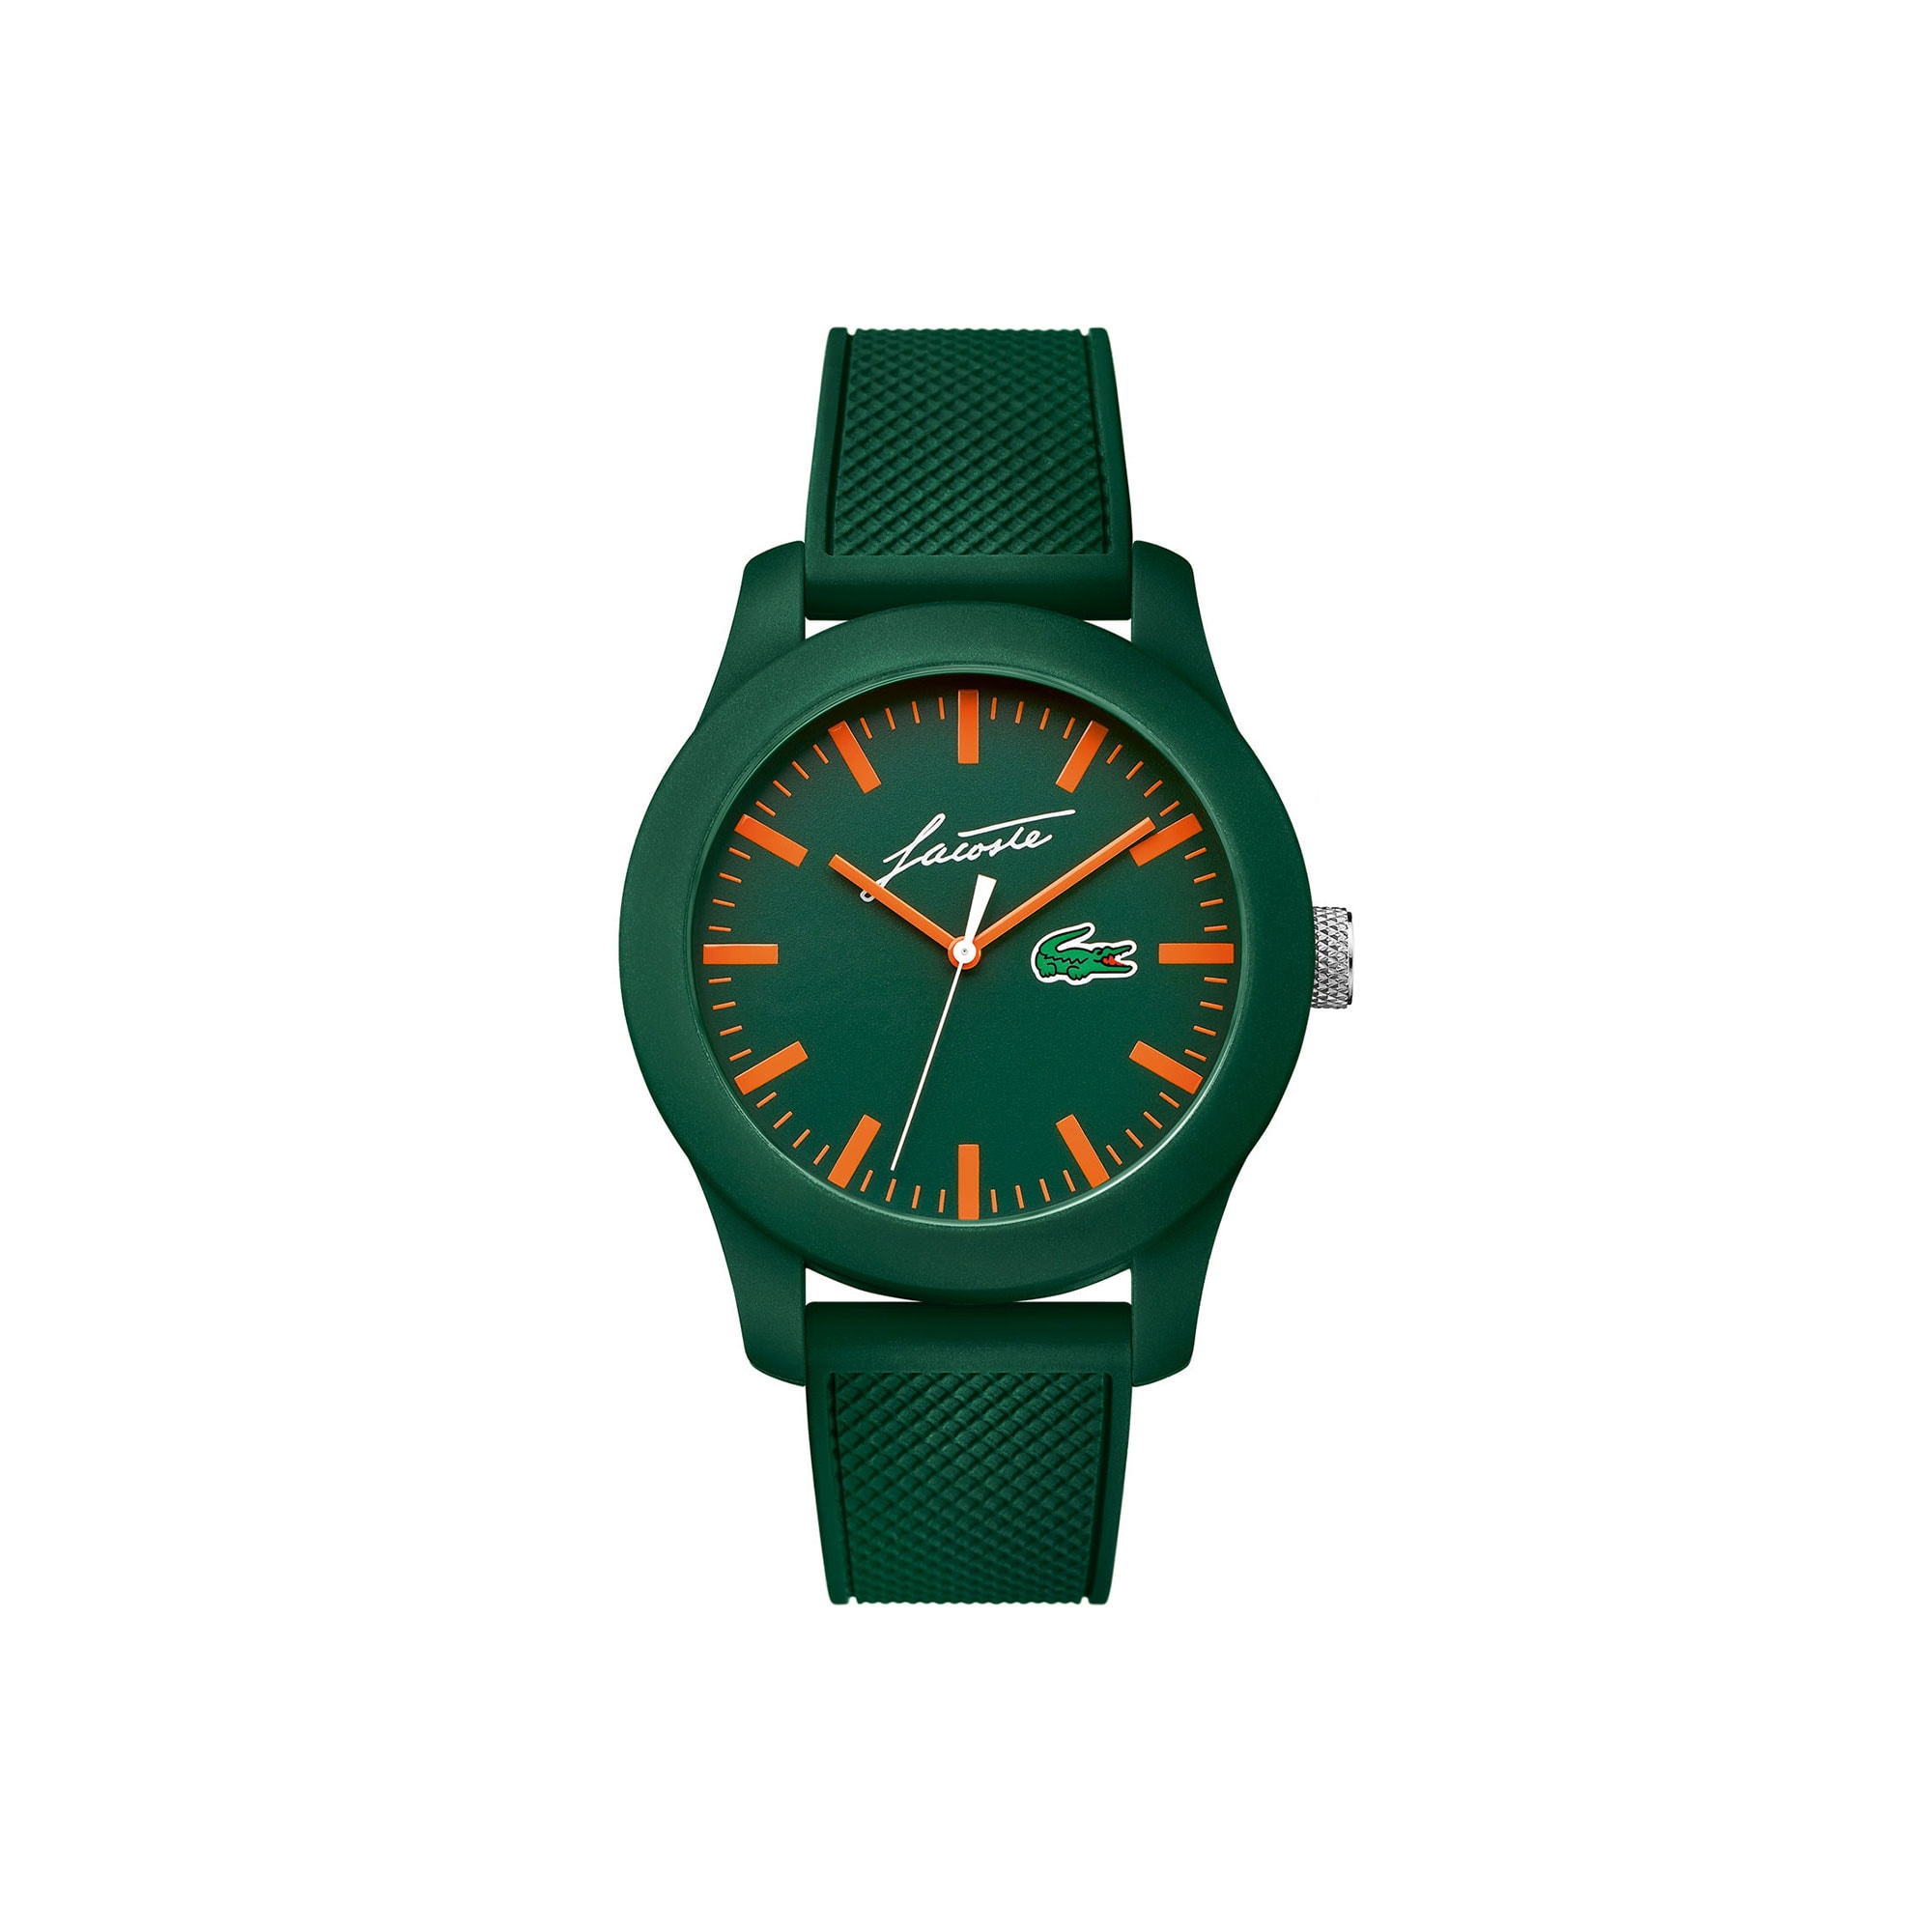 Montre Lacoste 12.12 bracelet vert silicone et signature René Lacoste